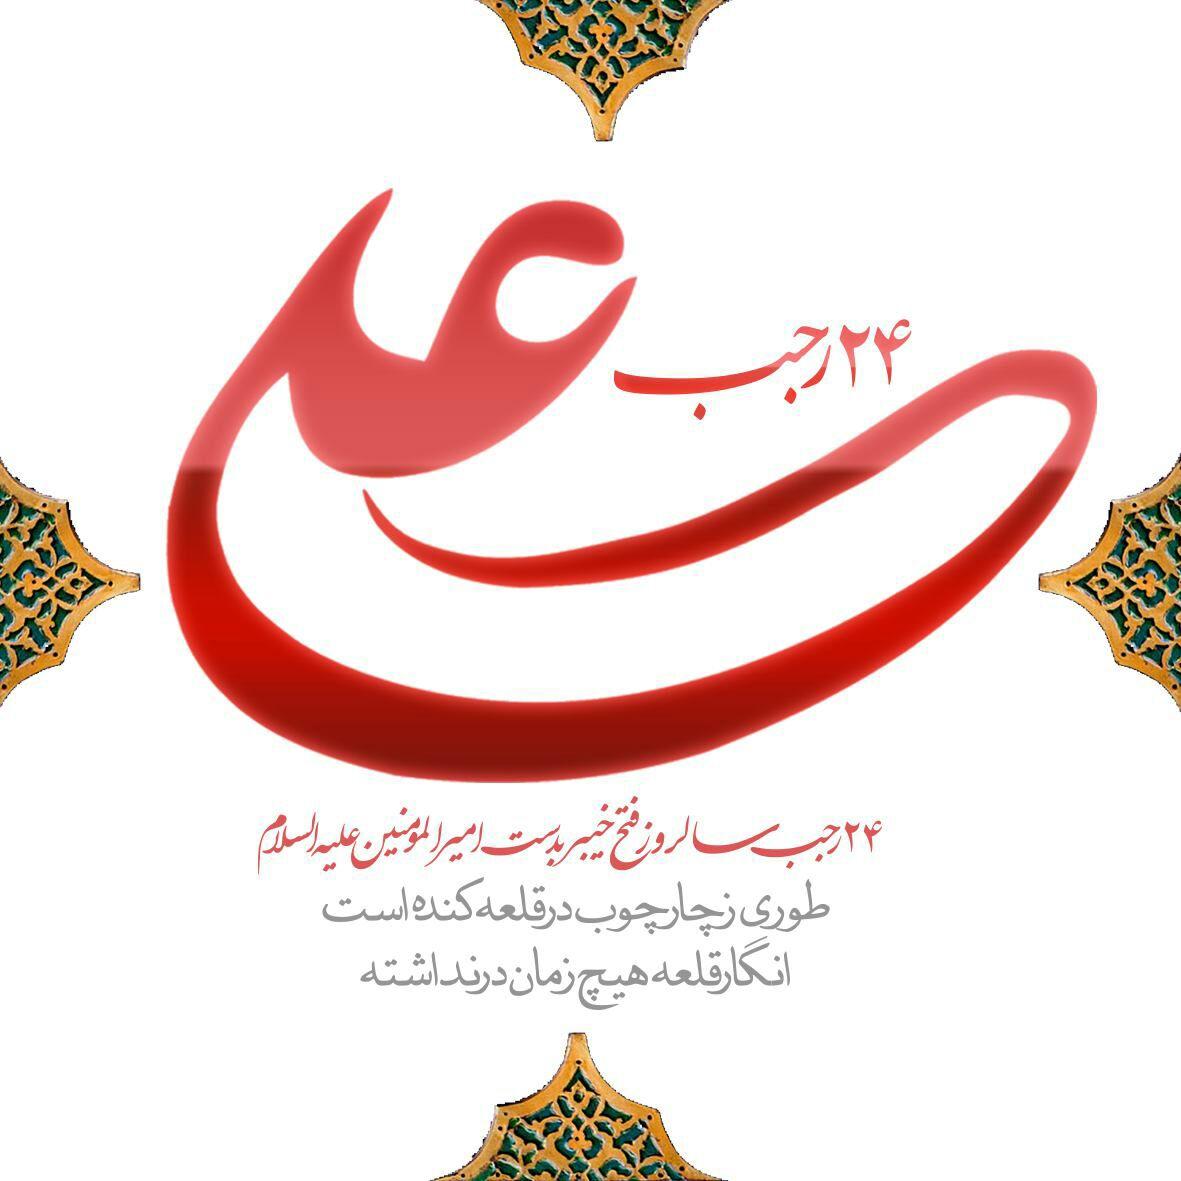 24 رجب روز فتح خیبر و قتل مرحب